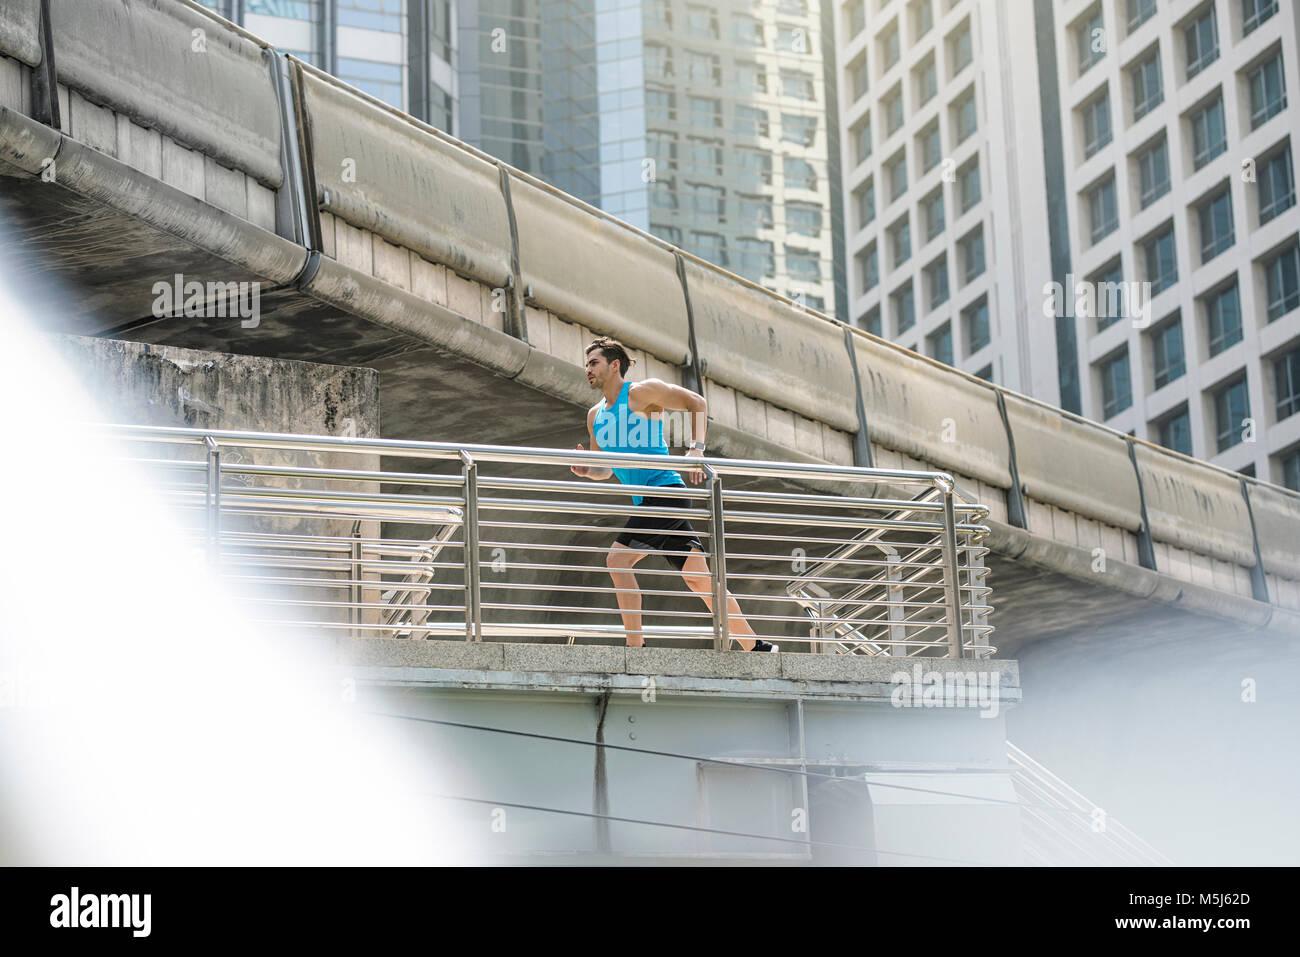 Läufer in Blue Fitness shirt über moderne Brücke läuft Stockfoto